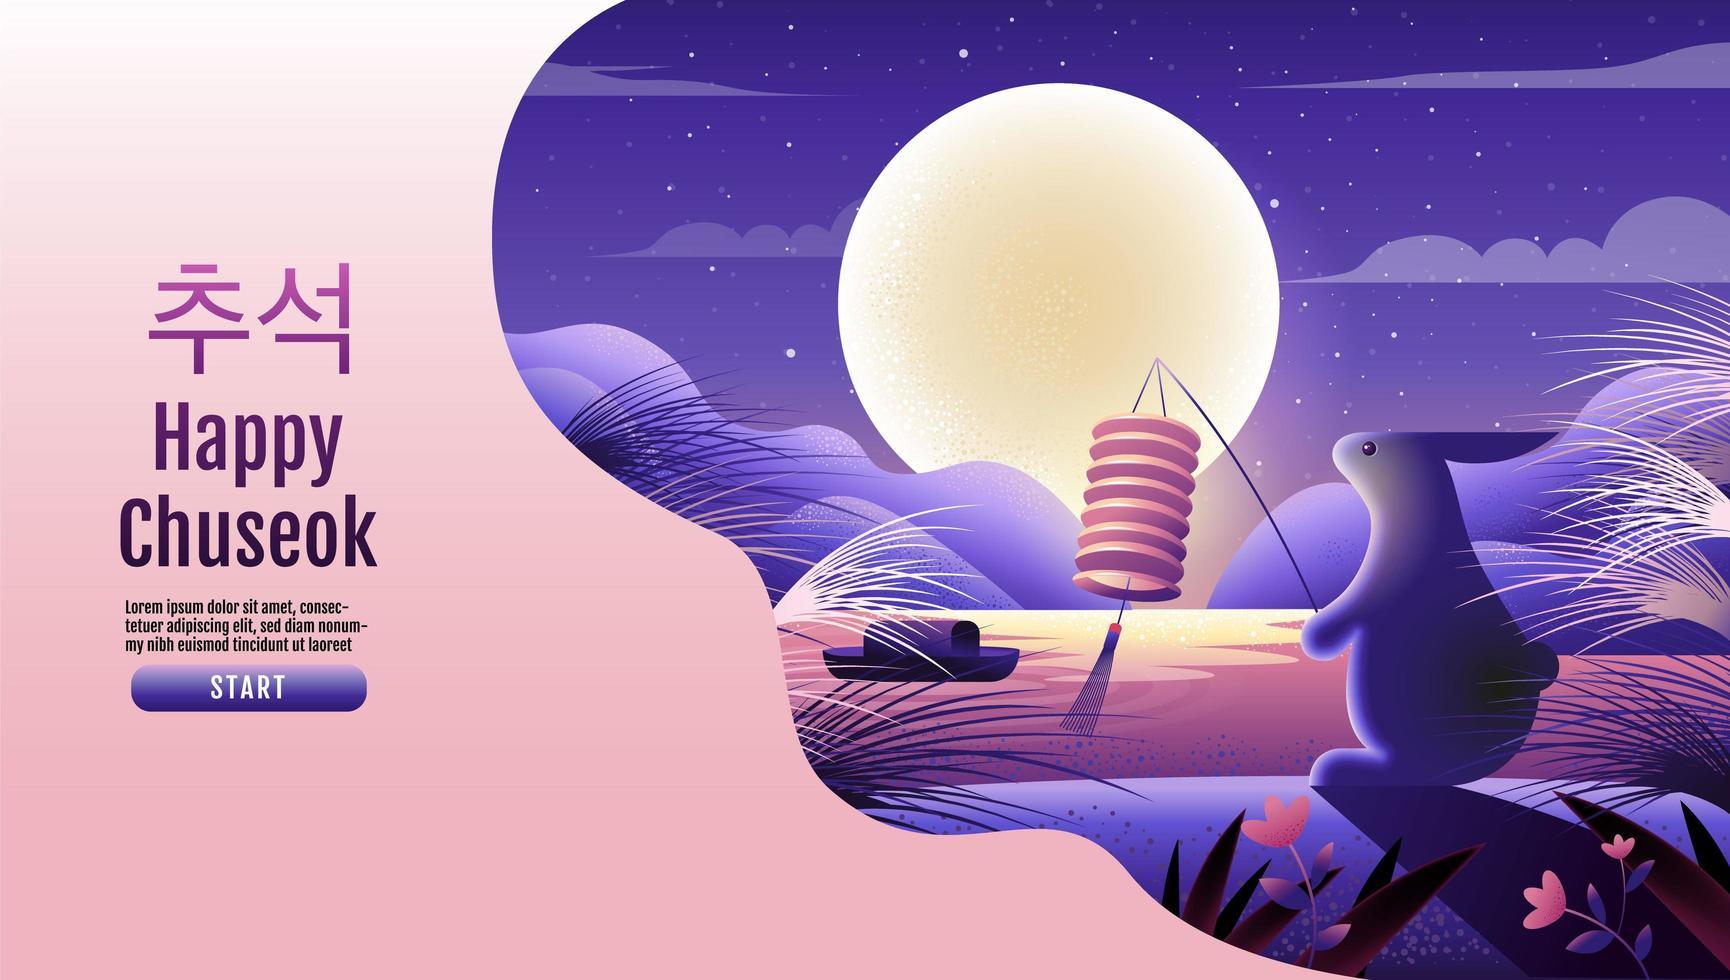 gelukkige chuseok-startpagina met lantaarn voor konijnenholding vector